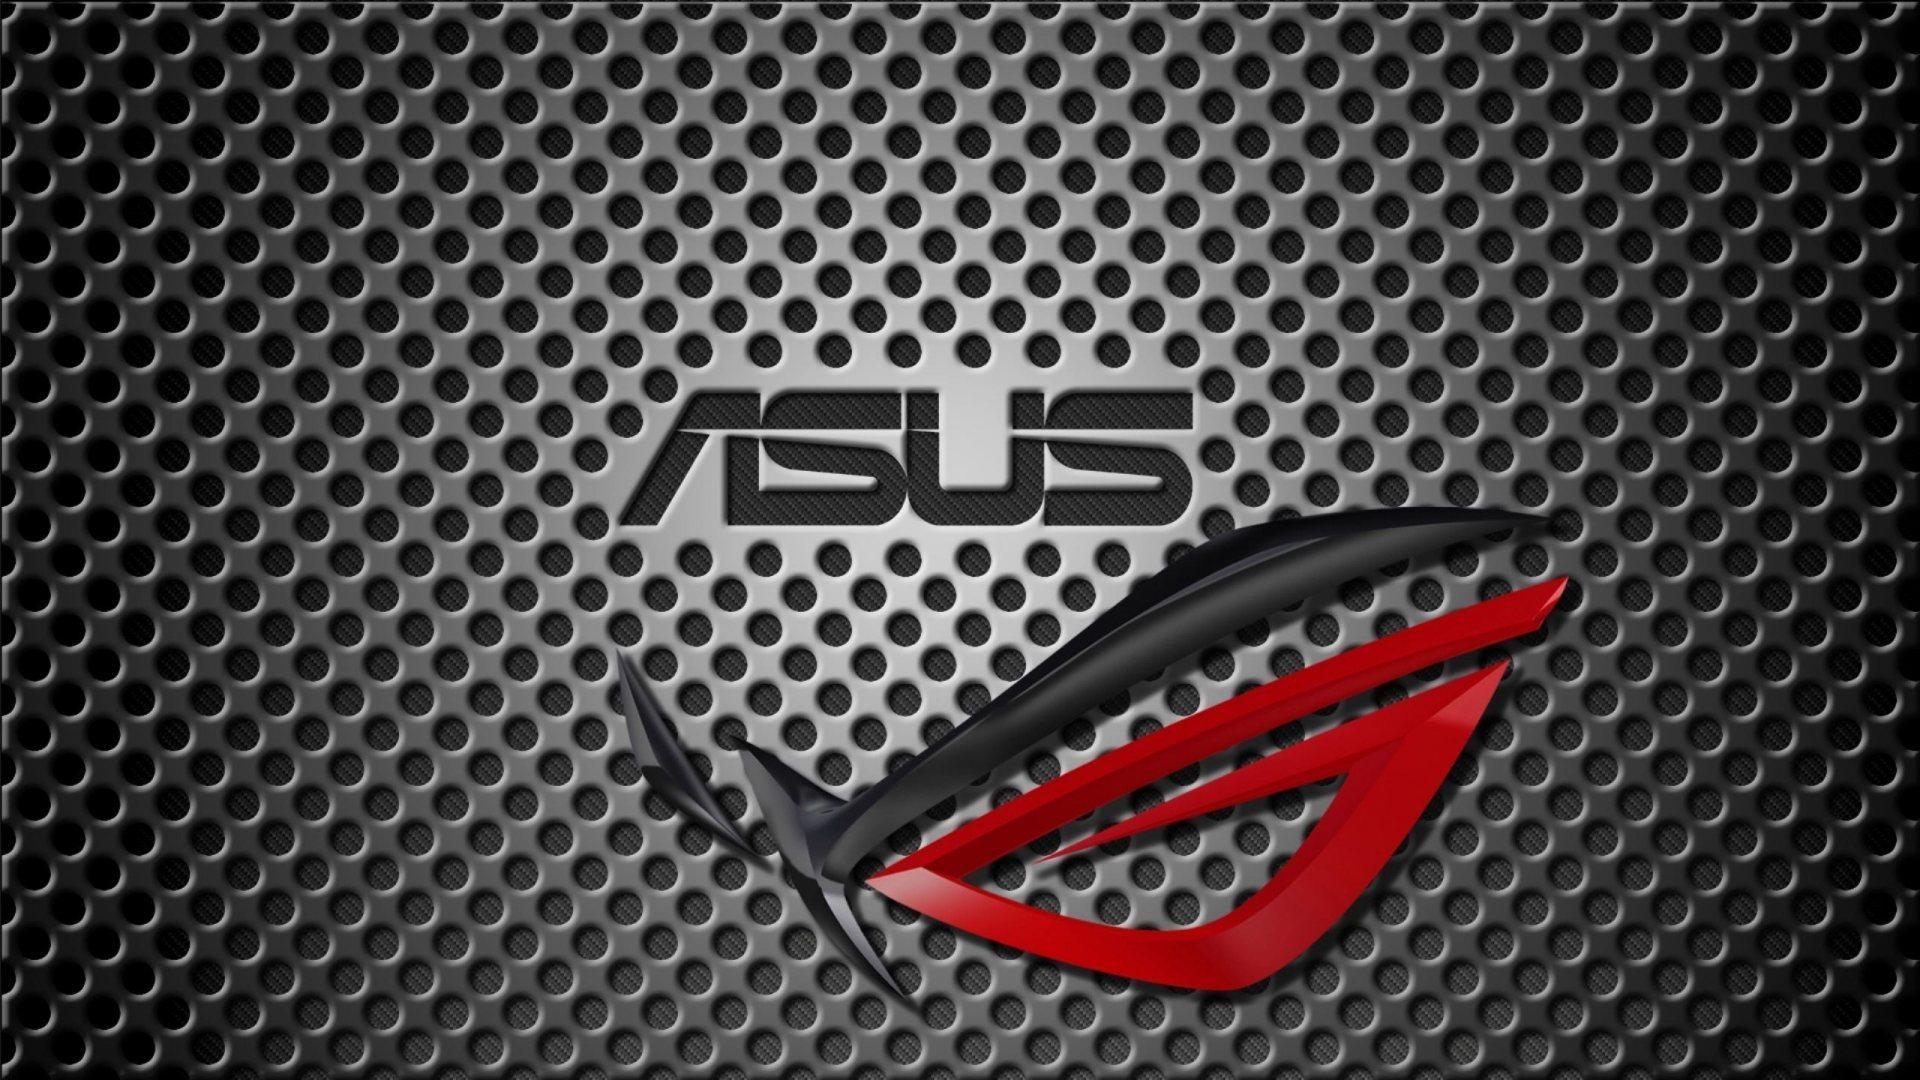 Asus Wallpaper Full Hd: Full HD Desktop Wallpapers 1080p